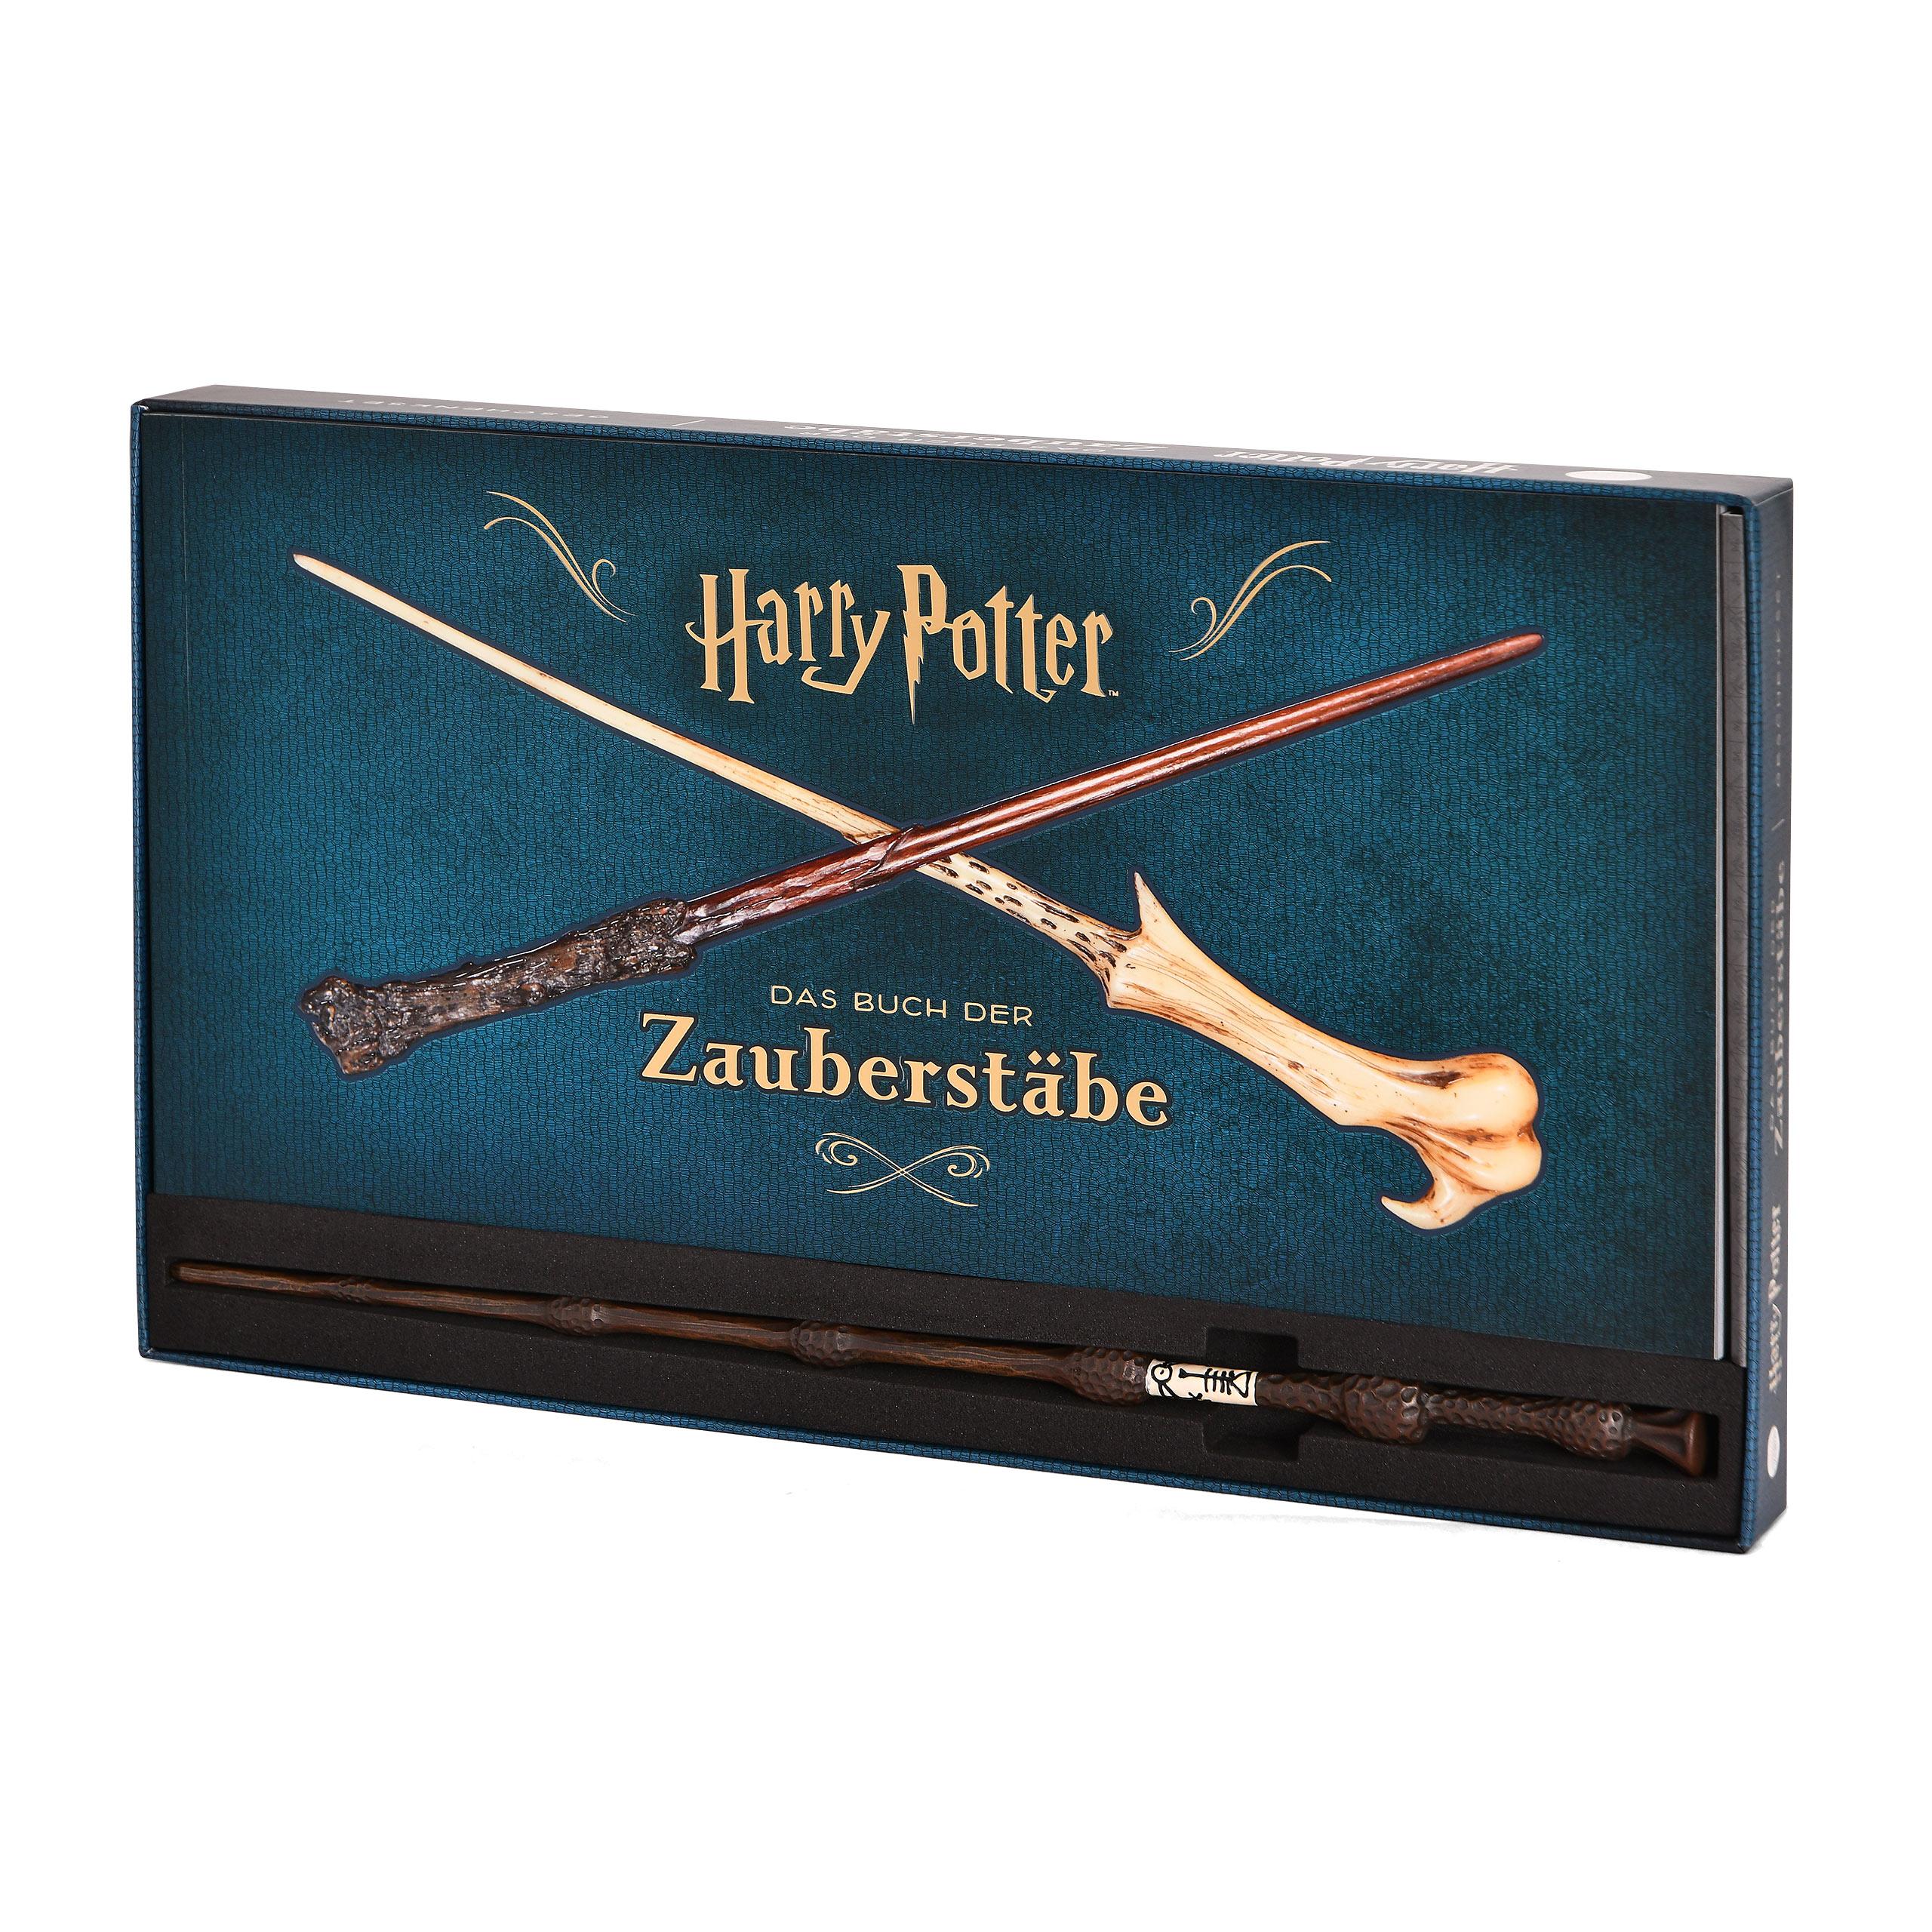 Harry Potter - Das Buch der Zauberstäbe Geschenkset